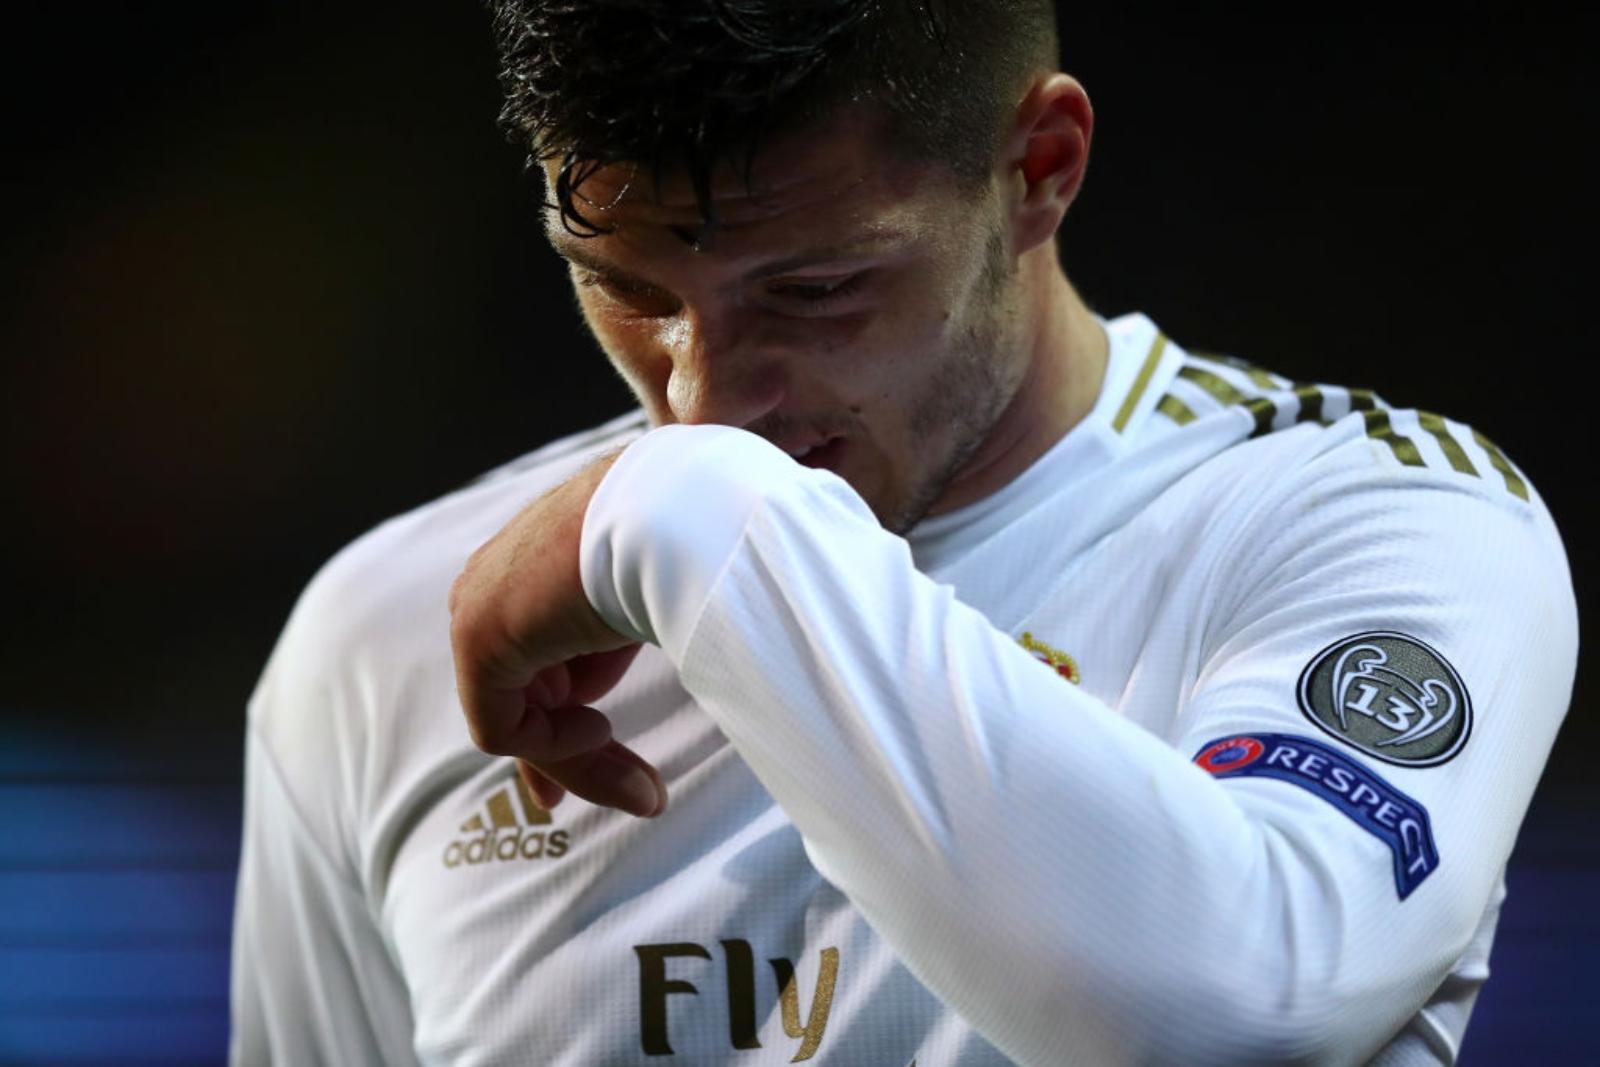 Premier League hedh sytë nga dështimi i Realit  Milani pengohet nga rroga faraonike